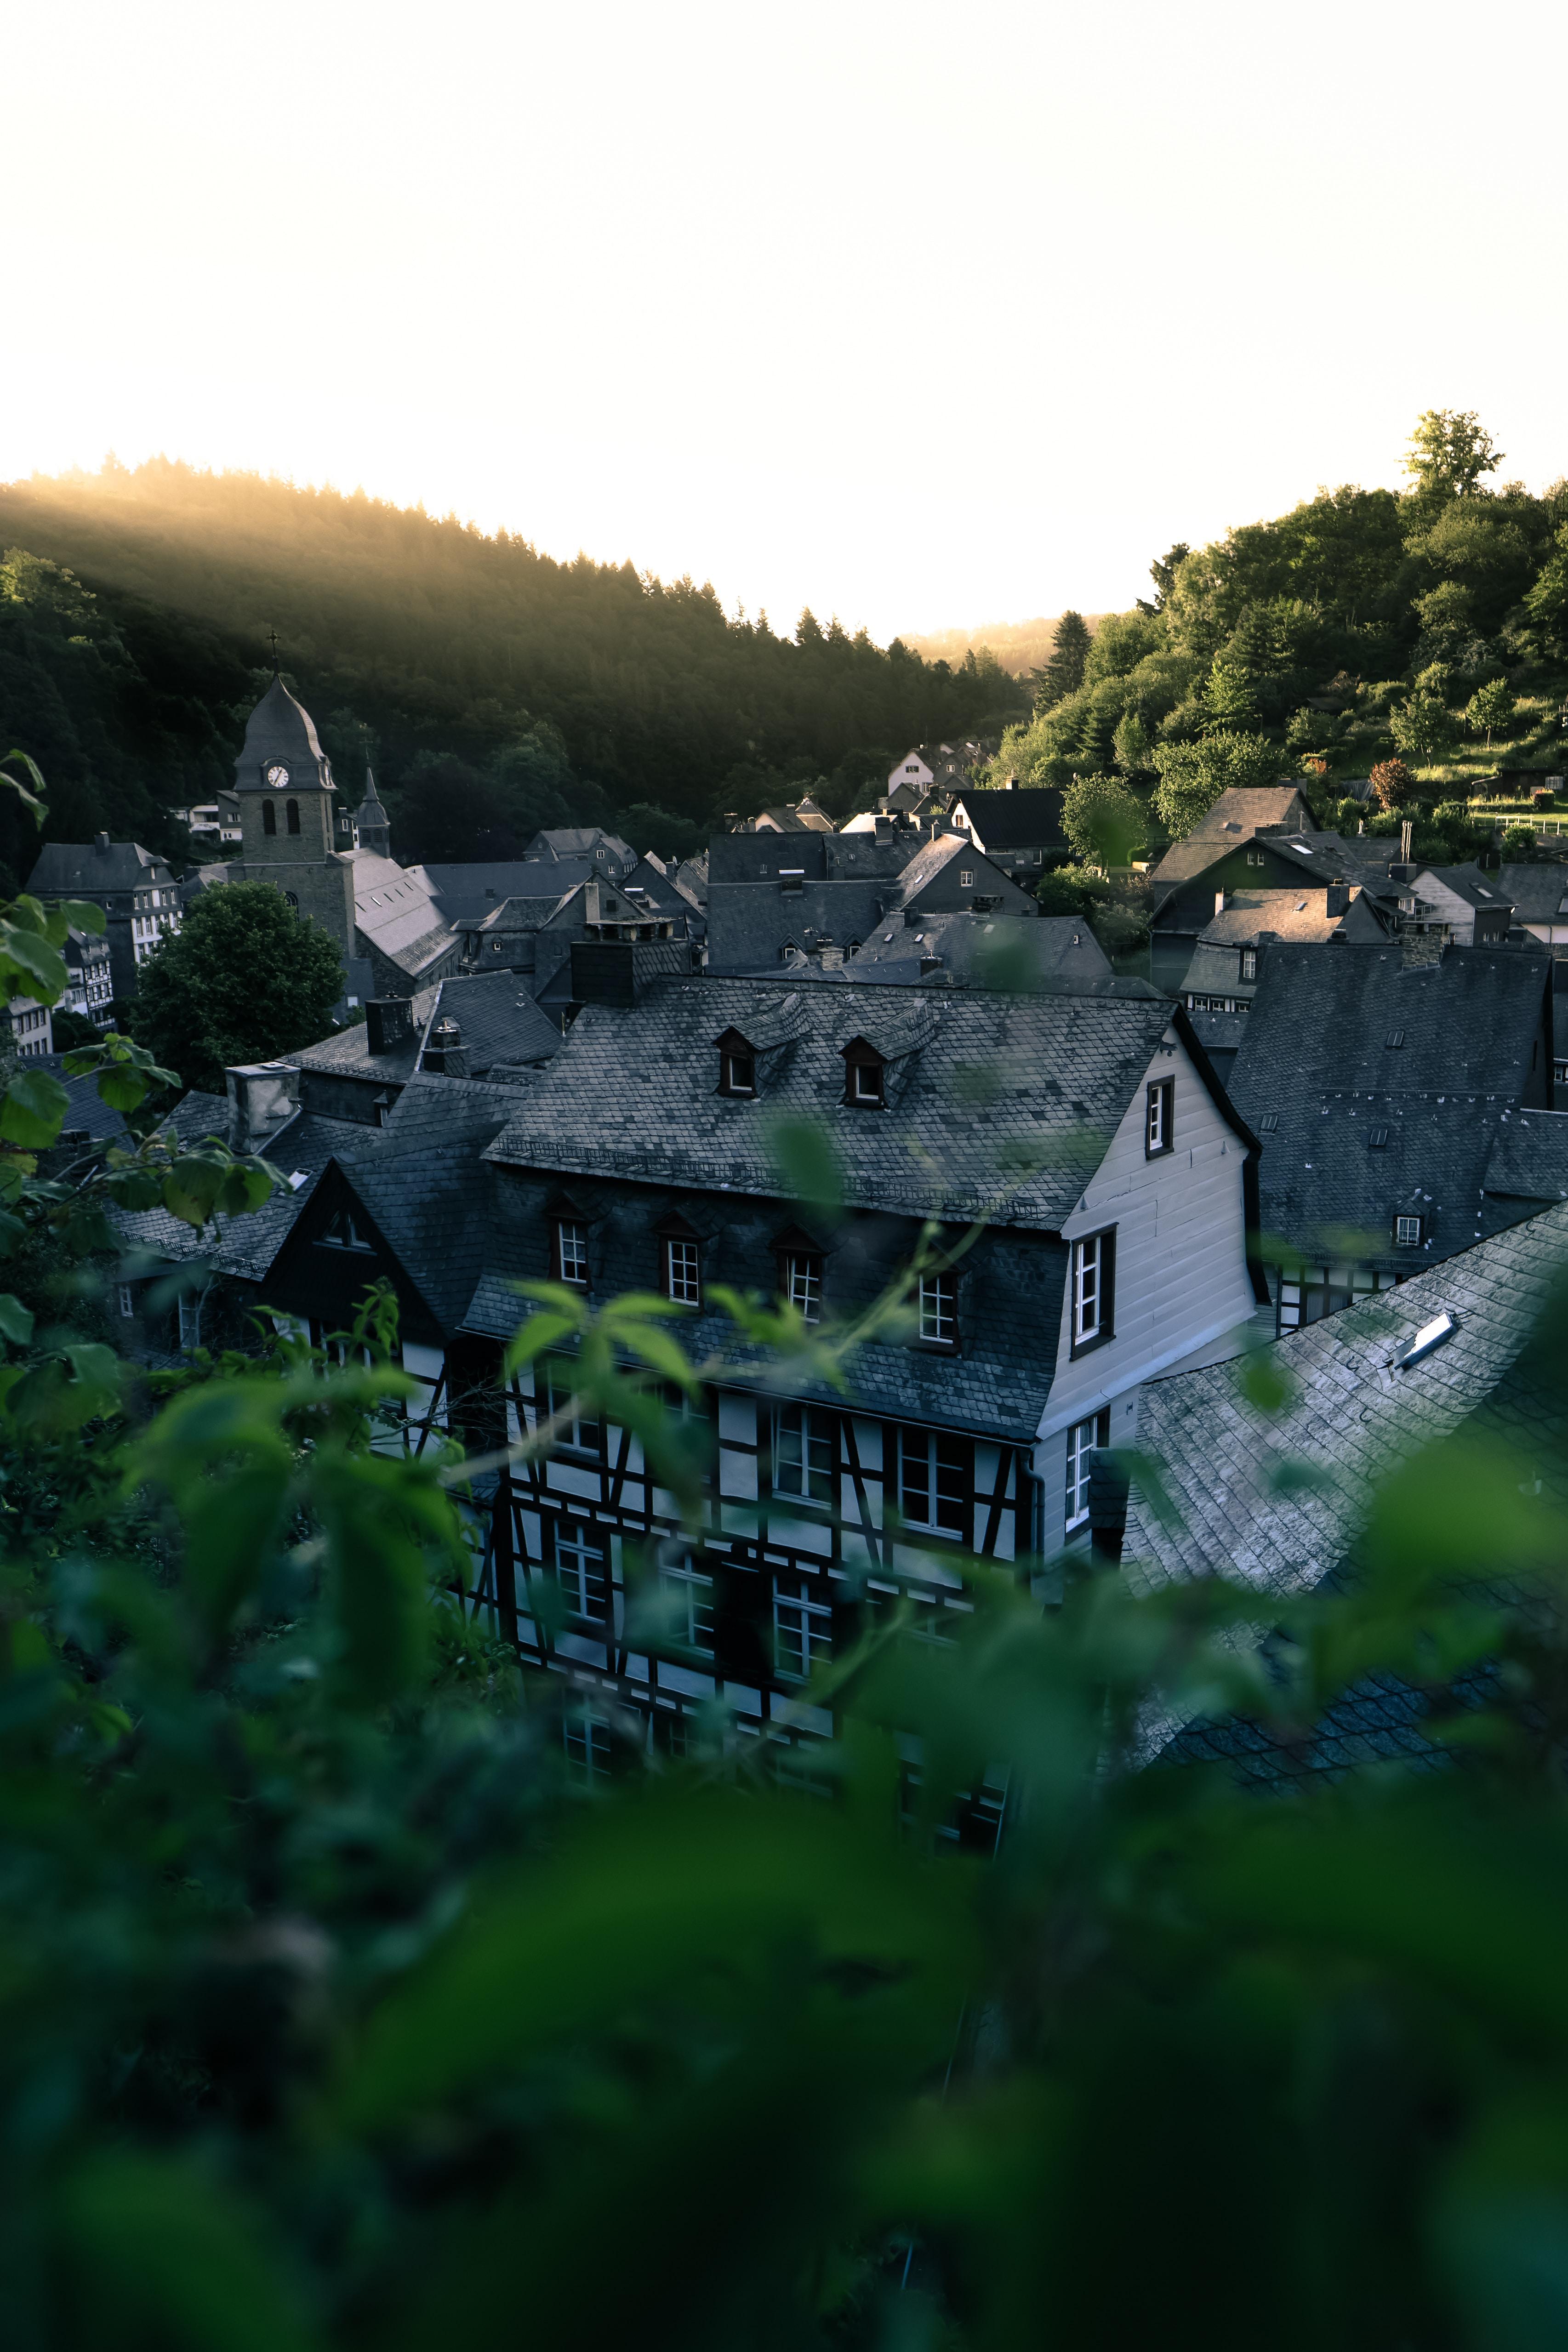 100189 Hintergrundbild 240x400 kostenlos auf deinem Handy, lade Bilder Städte, Bäume, Architektur, Gebäude, Blick Von Oben, Dach, Dächer 240x400 auf dein Handy herunter